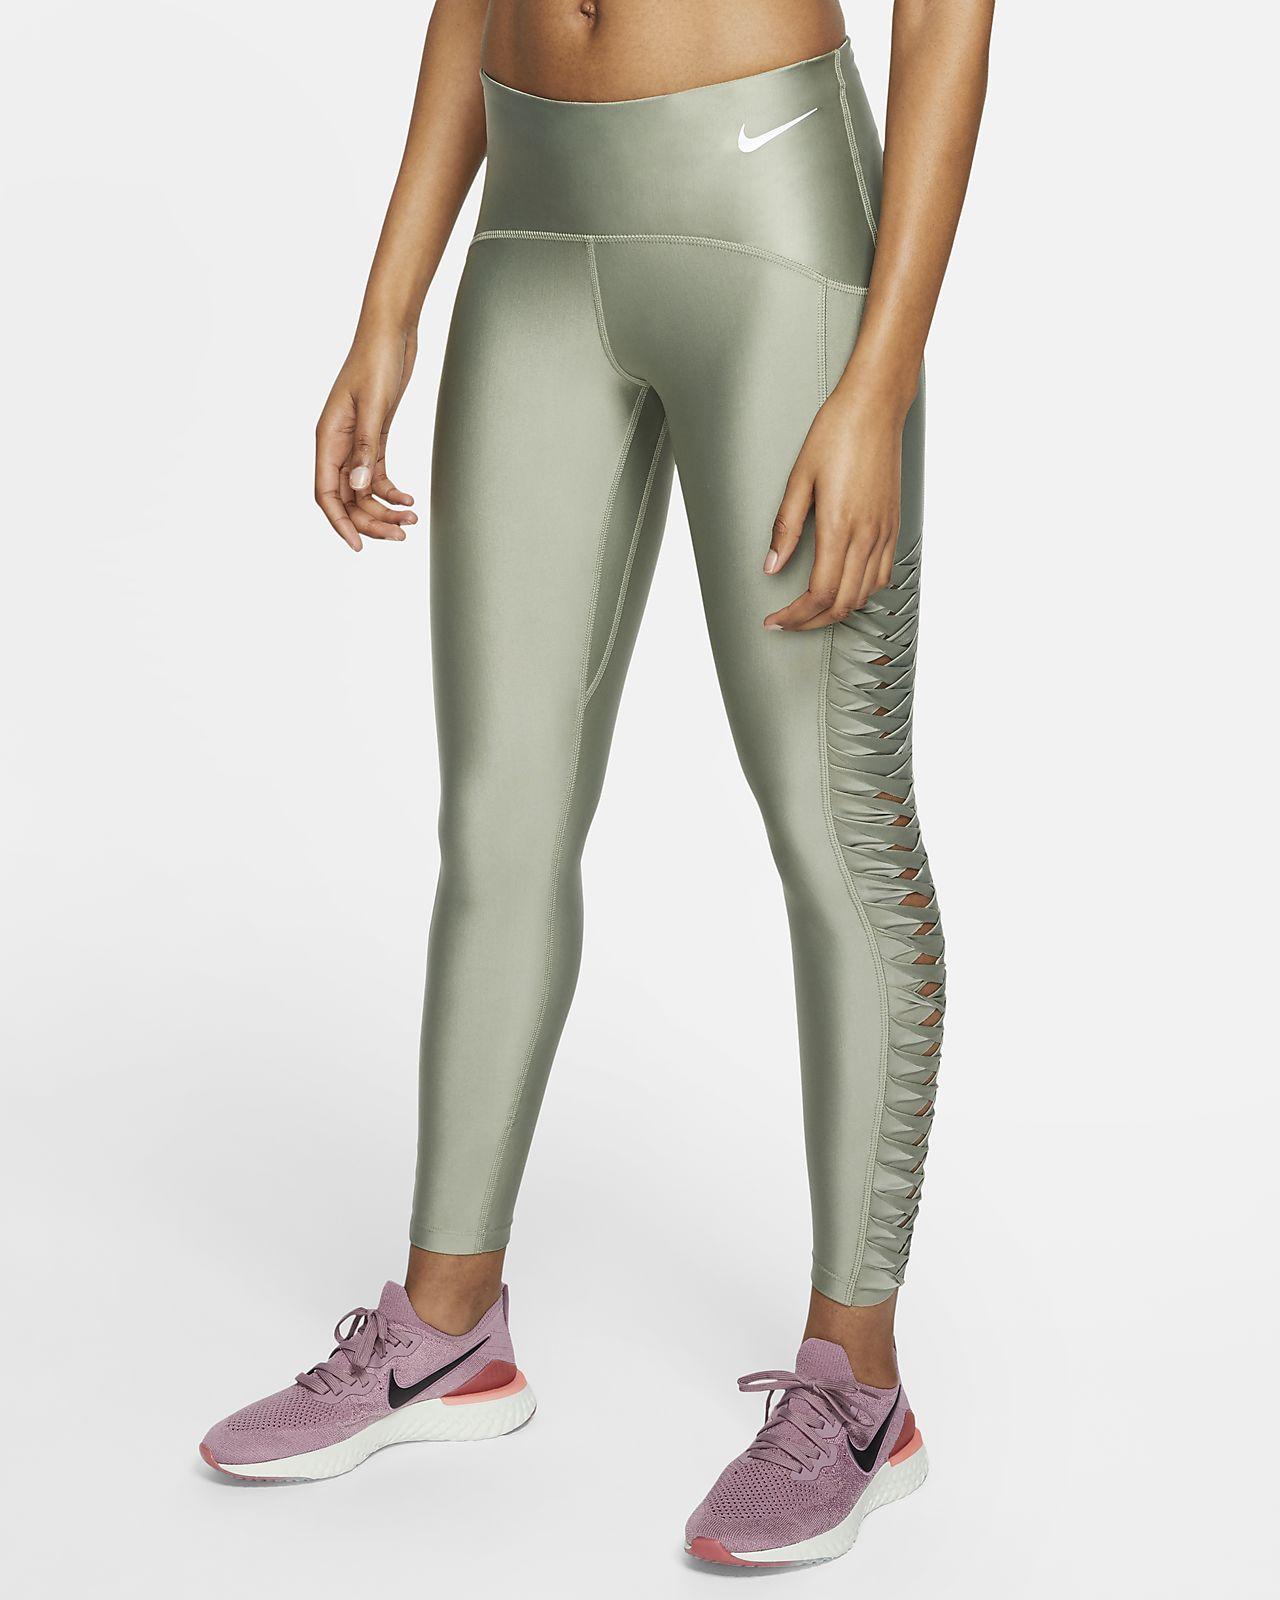 Löpartights Nike Speed i 7/8-längd för kvinnor